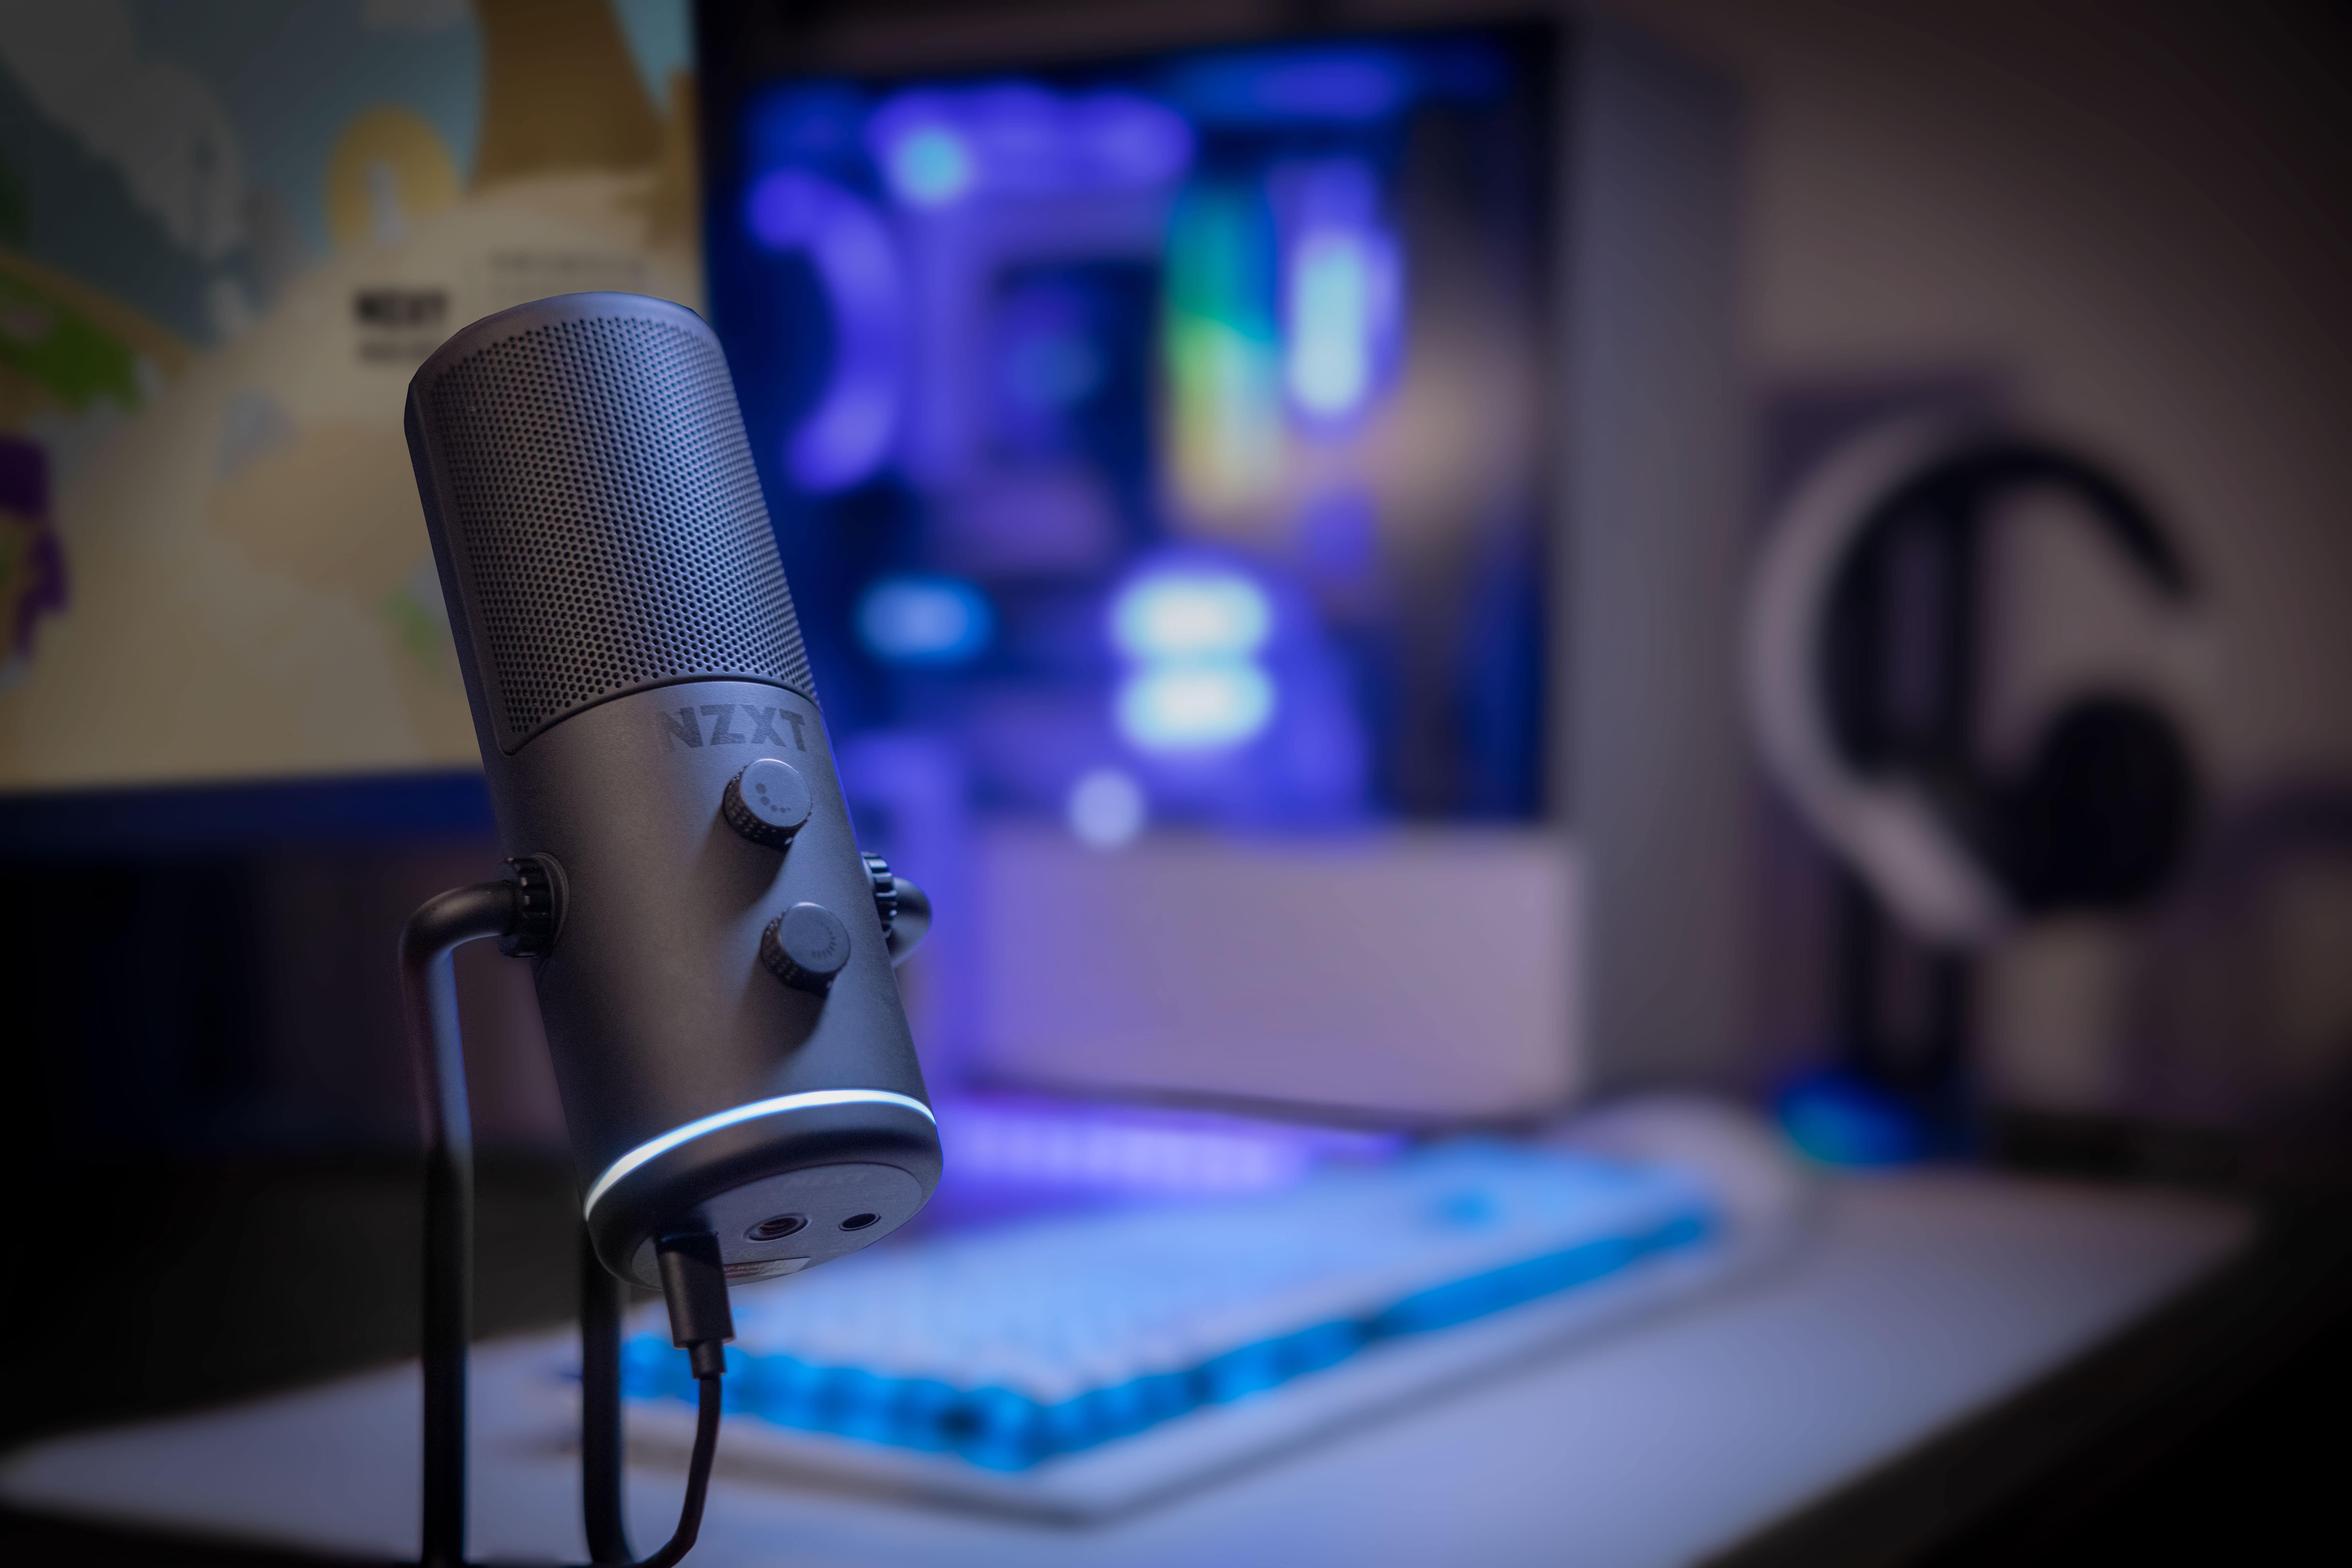 NZXT ra mắt microphone mới mang tên CAPSULE dành cho streamer